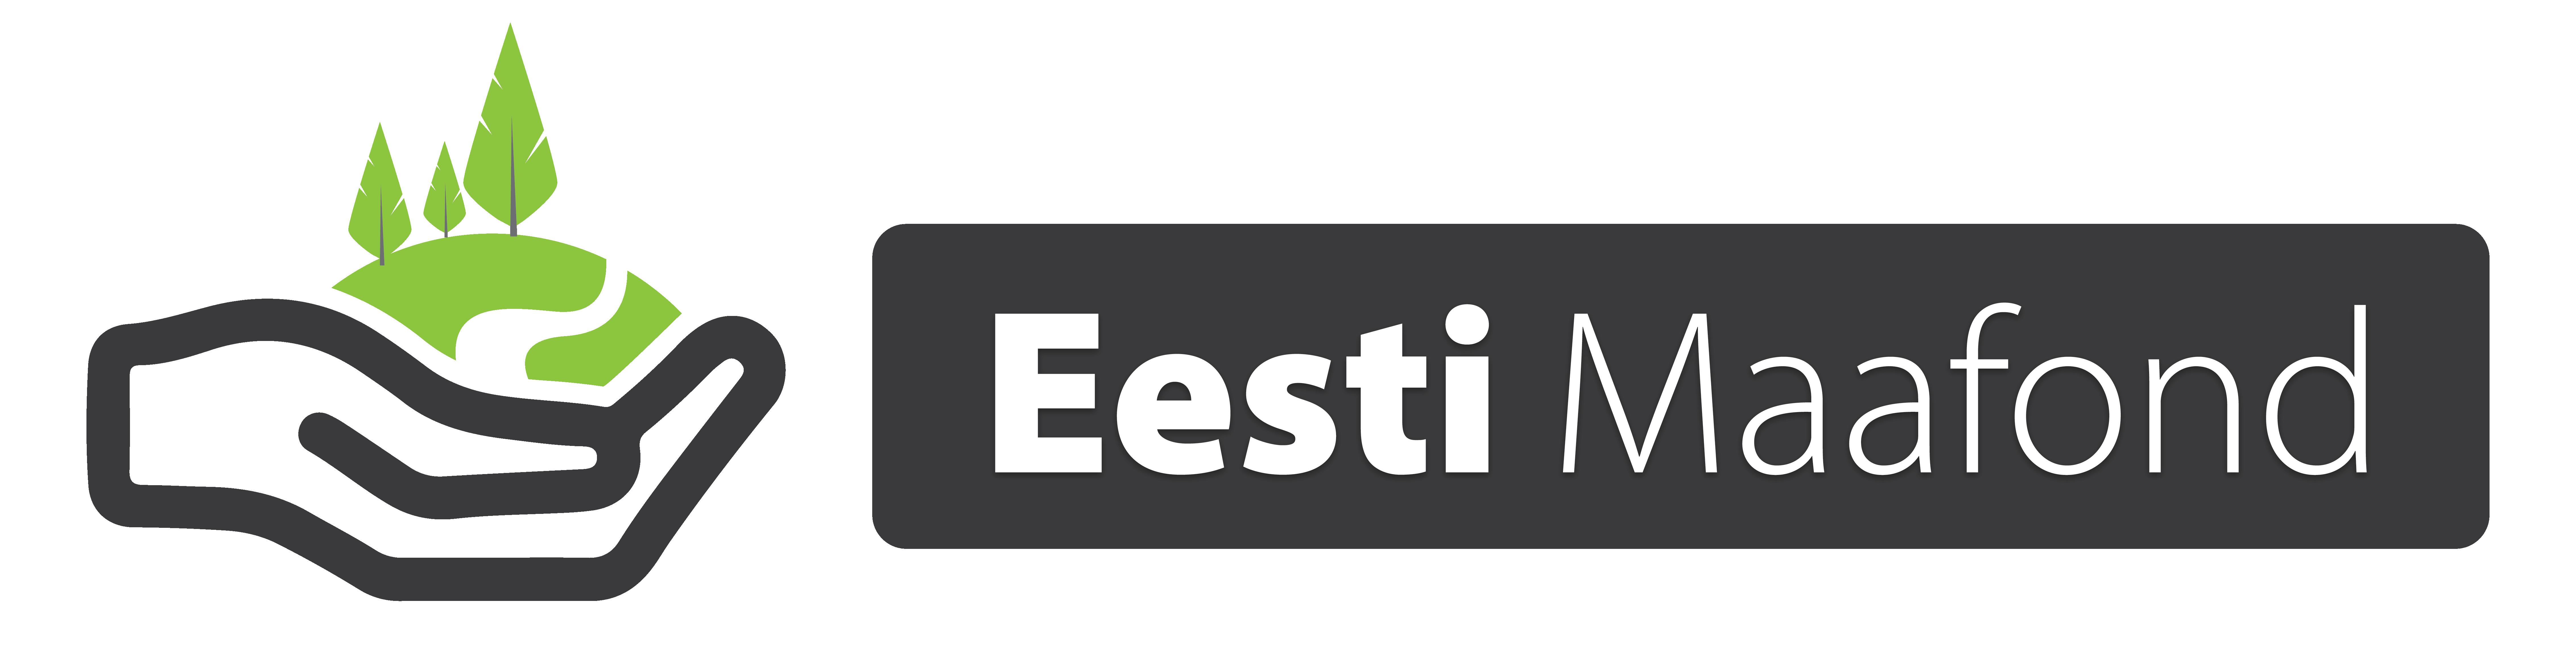 Eesti Maafond